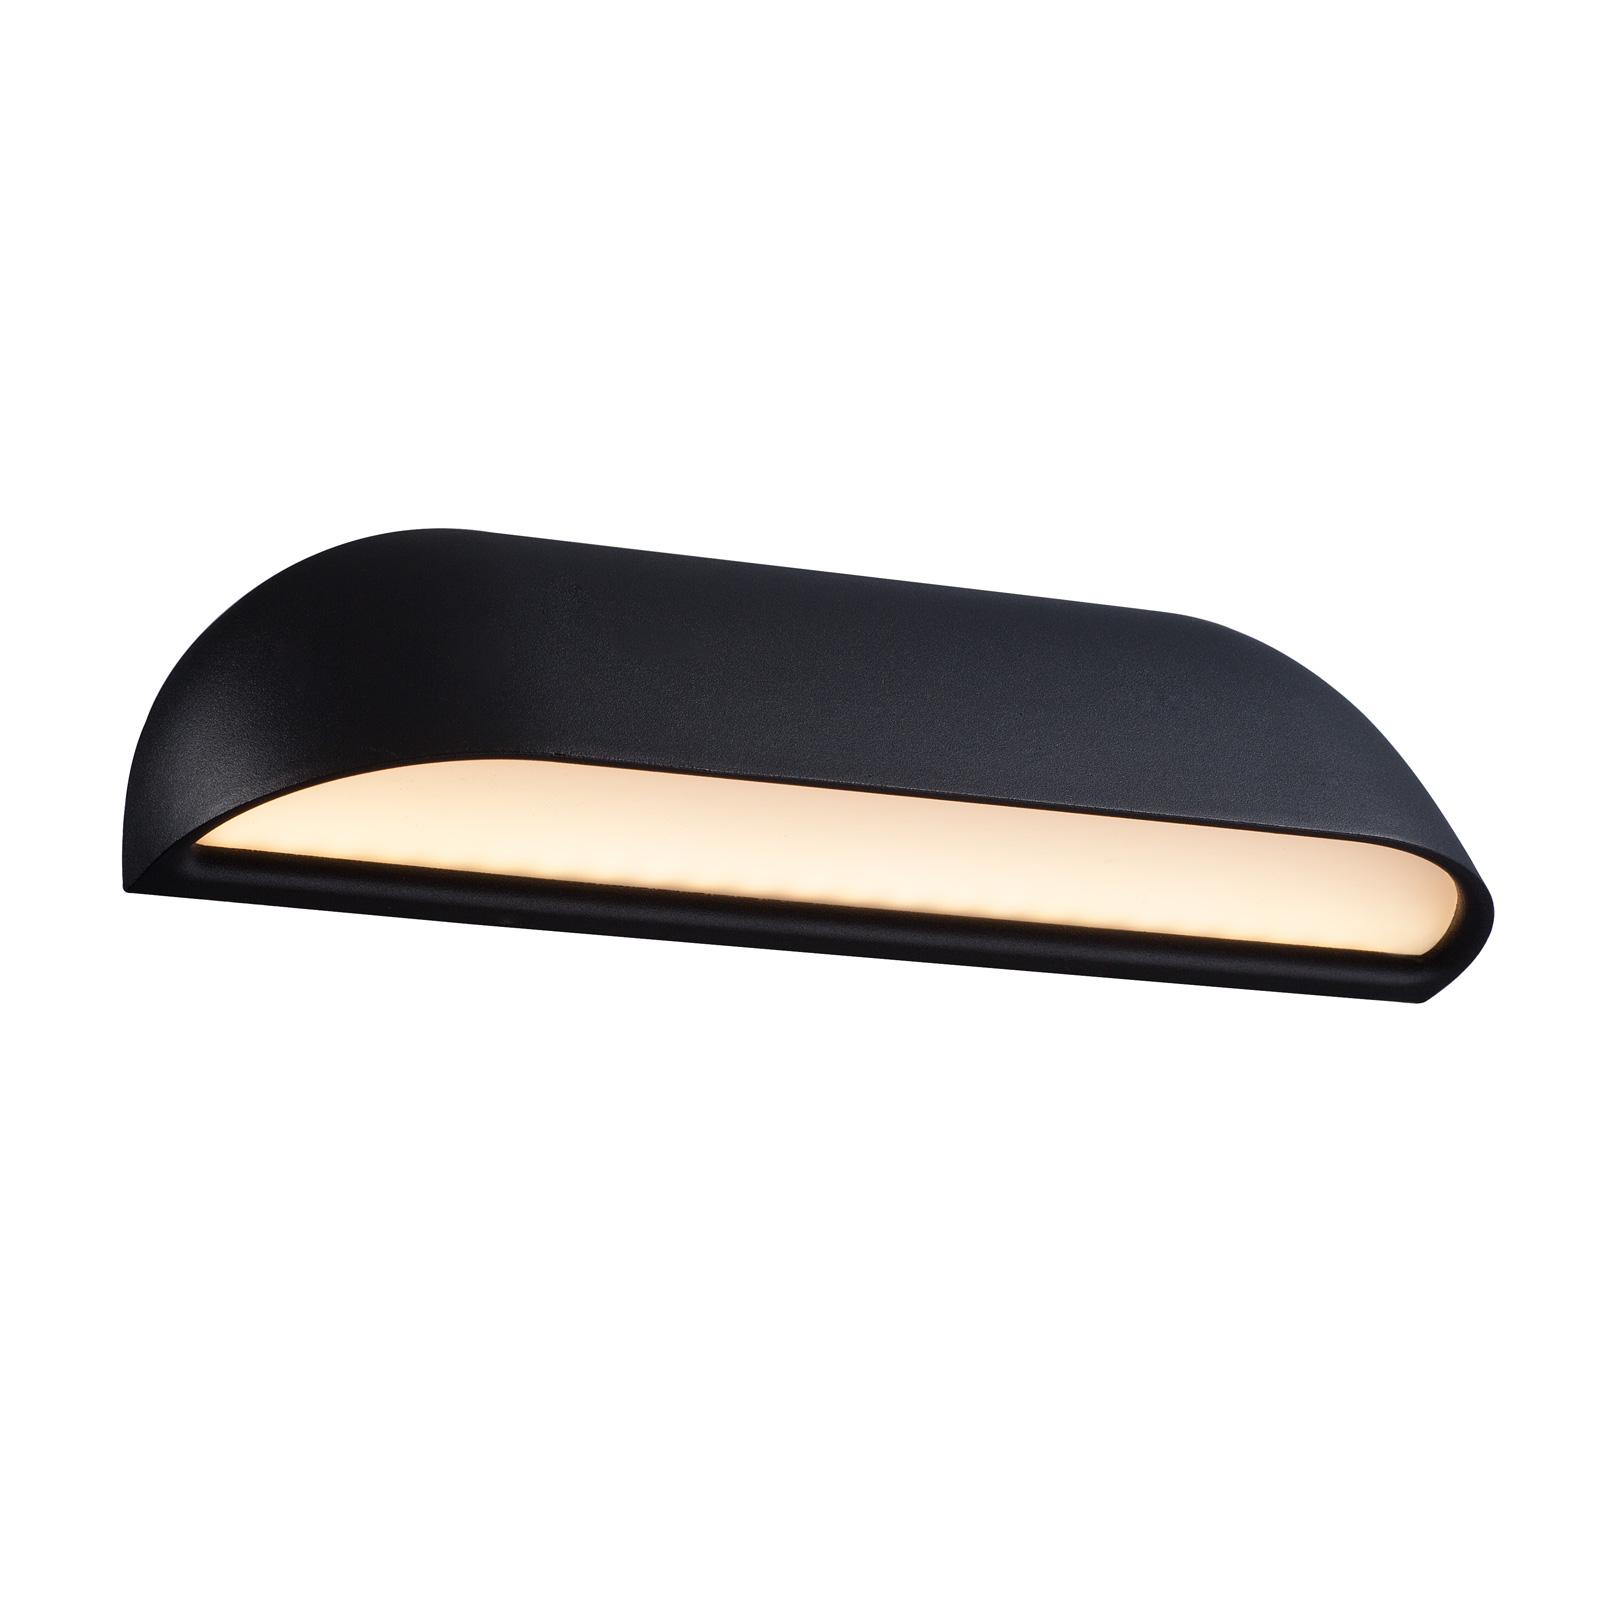 LED buitenwandlamp voorzijde 26, zwart